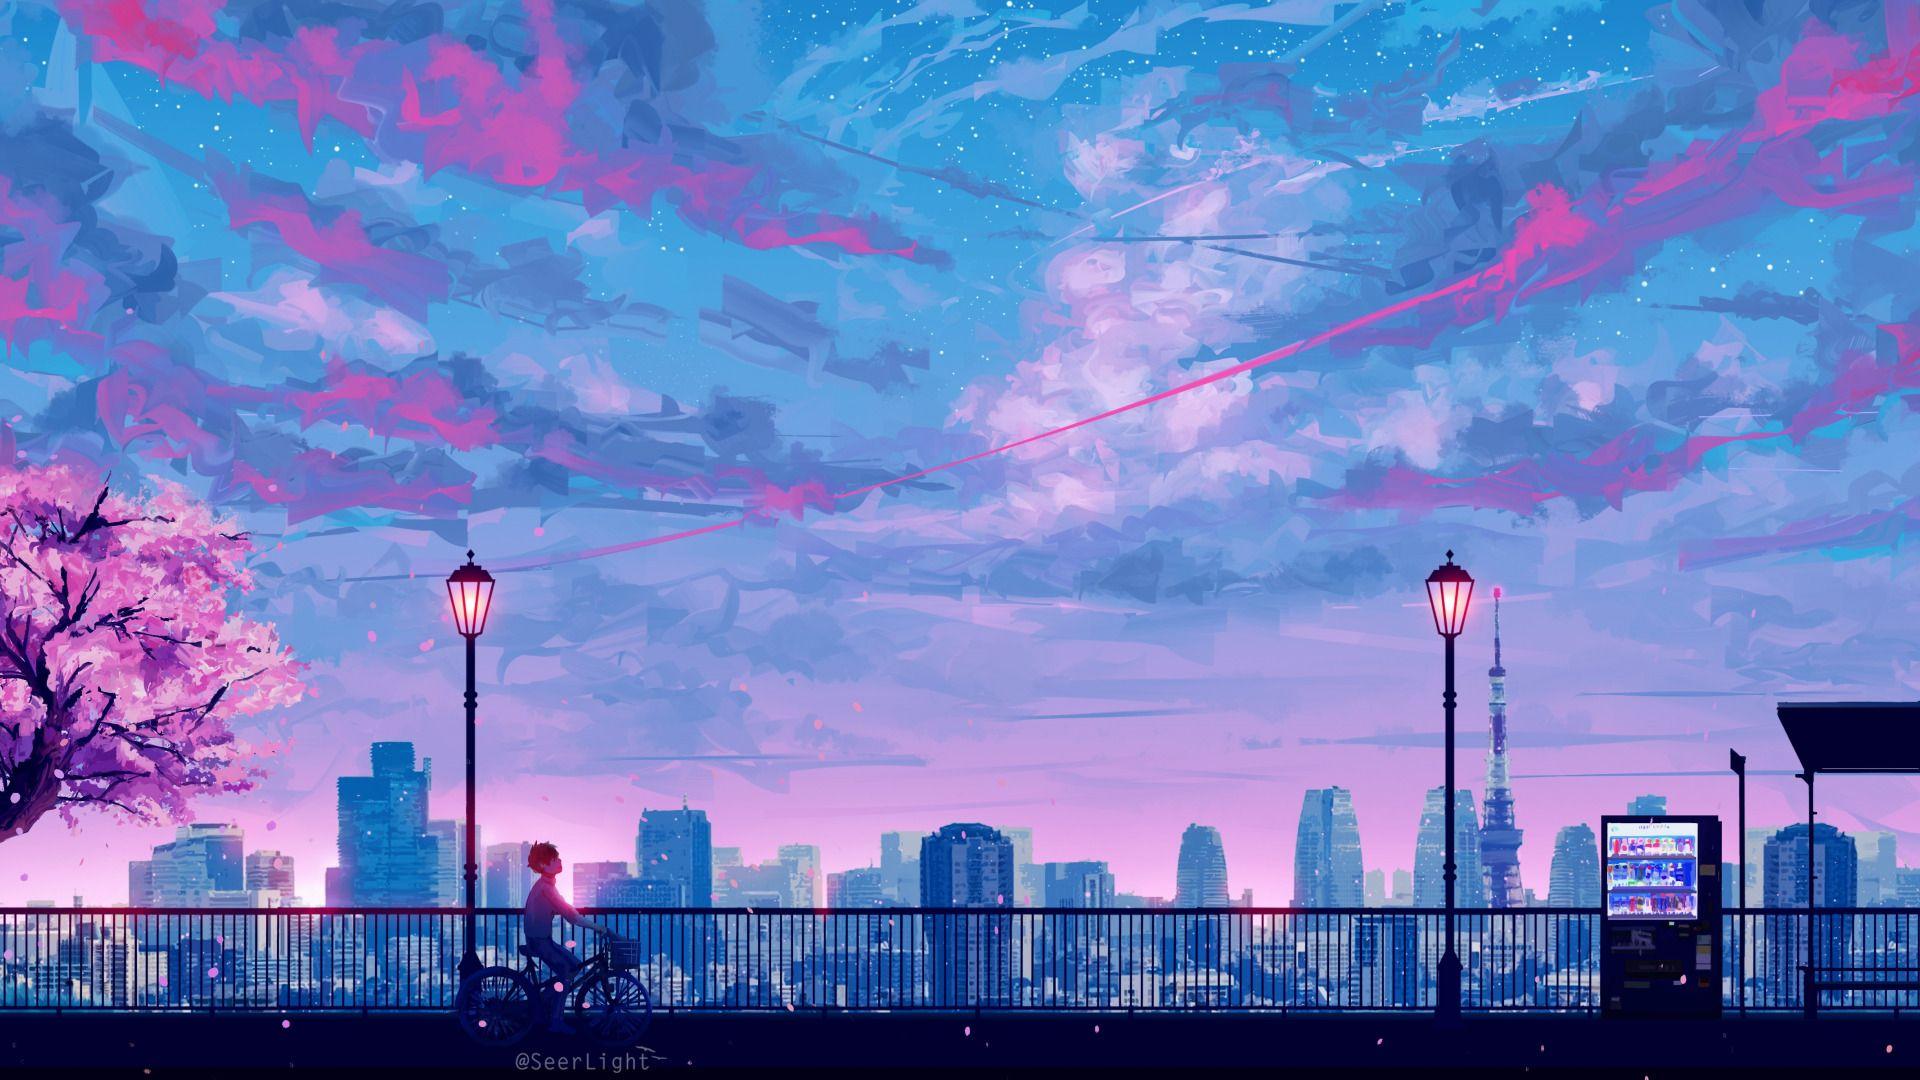 イラスト おしゃれまとめの人気アイデア Pinterest 디나 風景の壁紙 空の絵 風景スケッチ